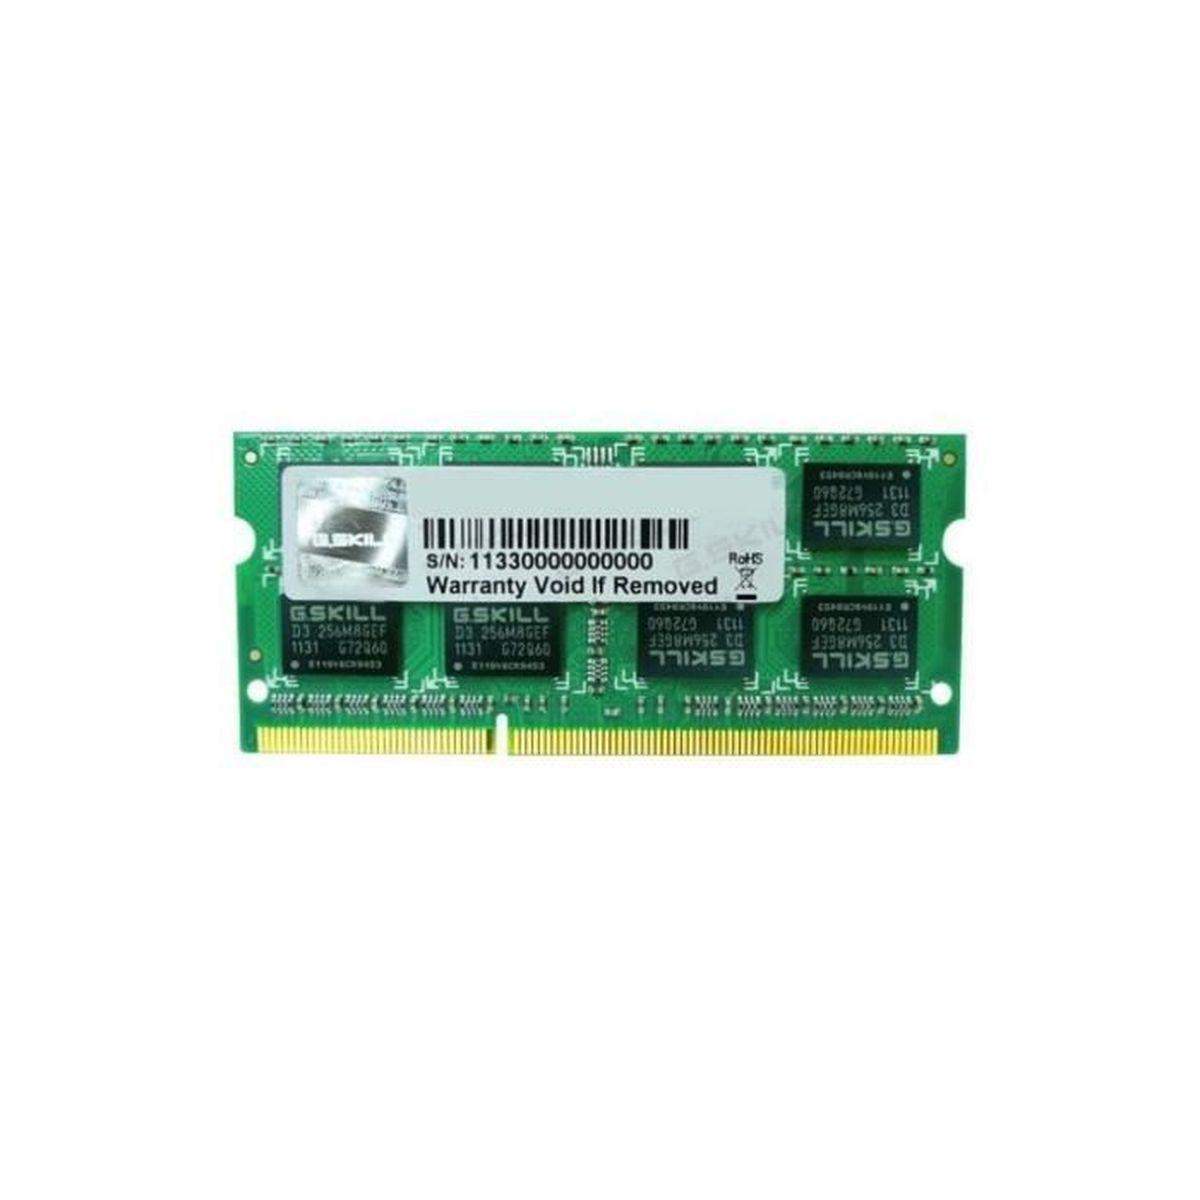 MÉMOIRE RAM G.Skill Mémoire PC DDR3 - 4Go - 1333MHz - CL9 - SO